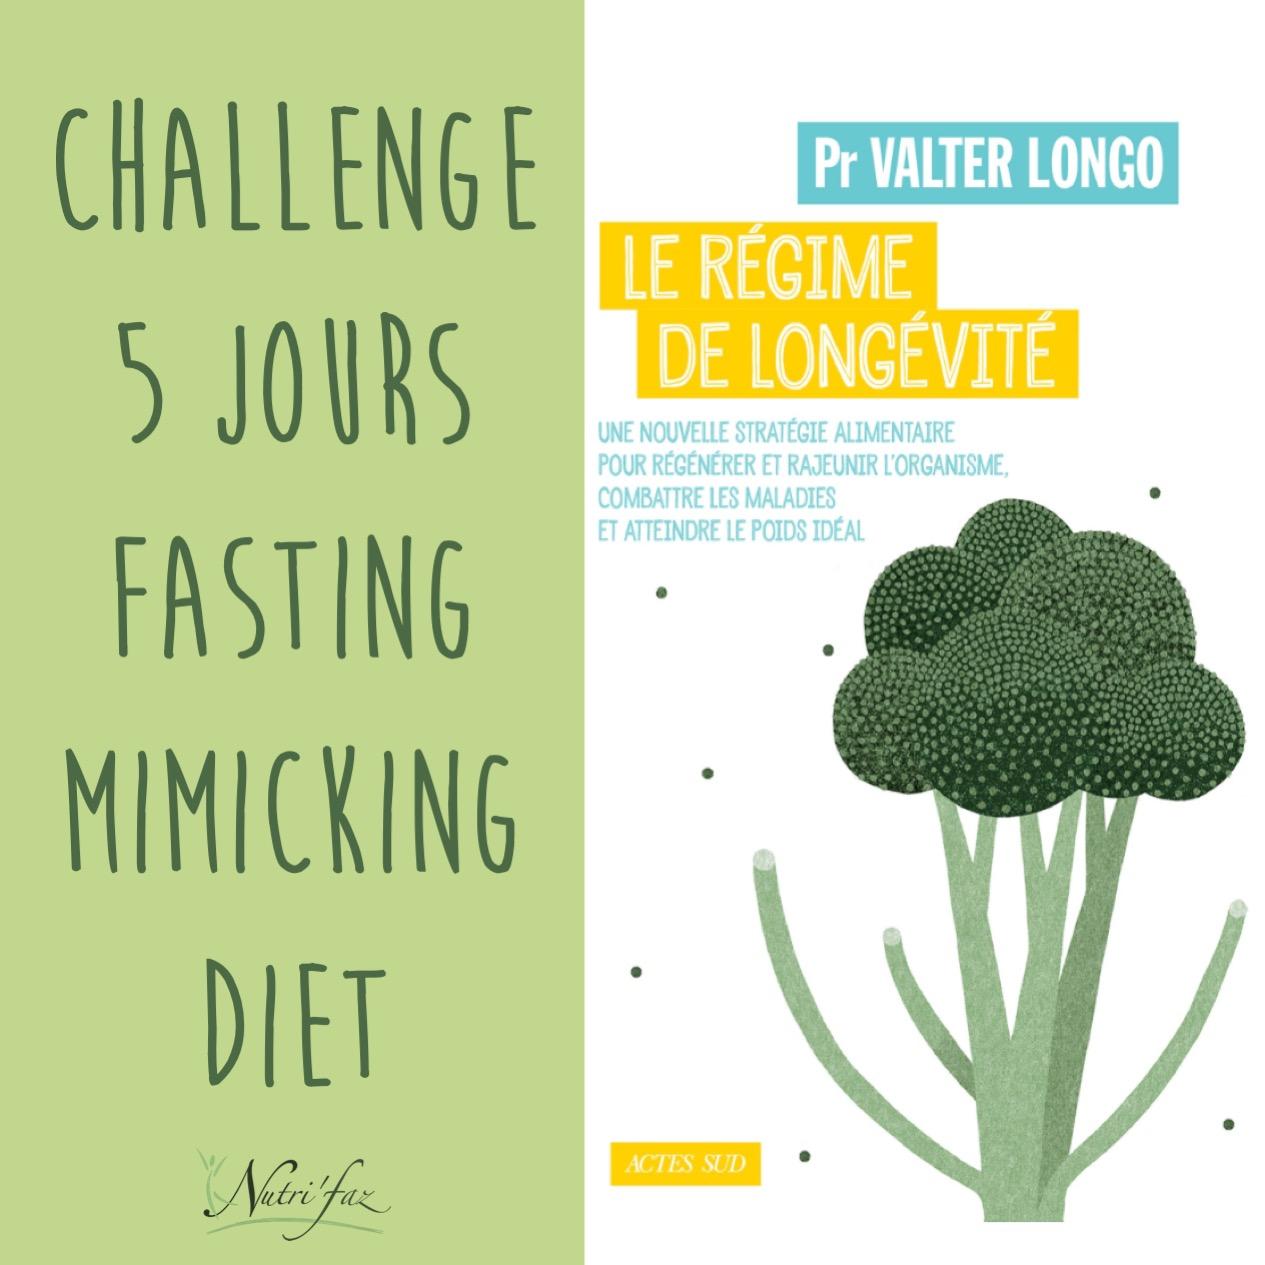 CHALLENGE 5 JOURS FMD